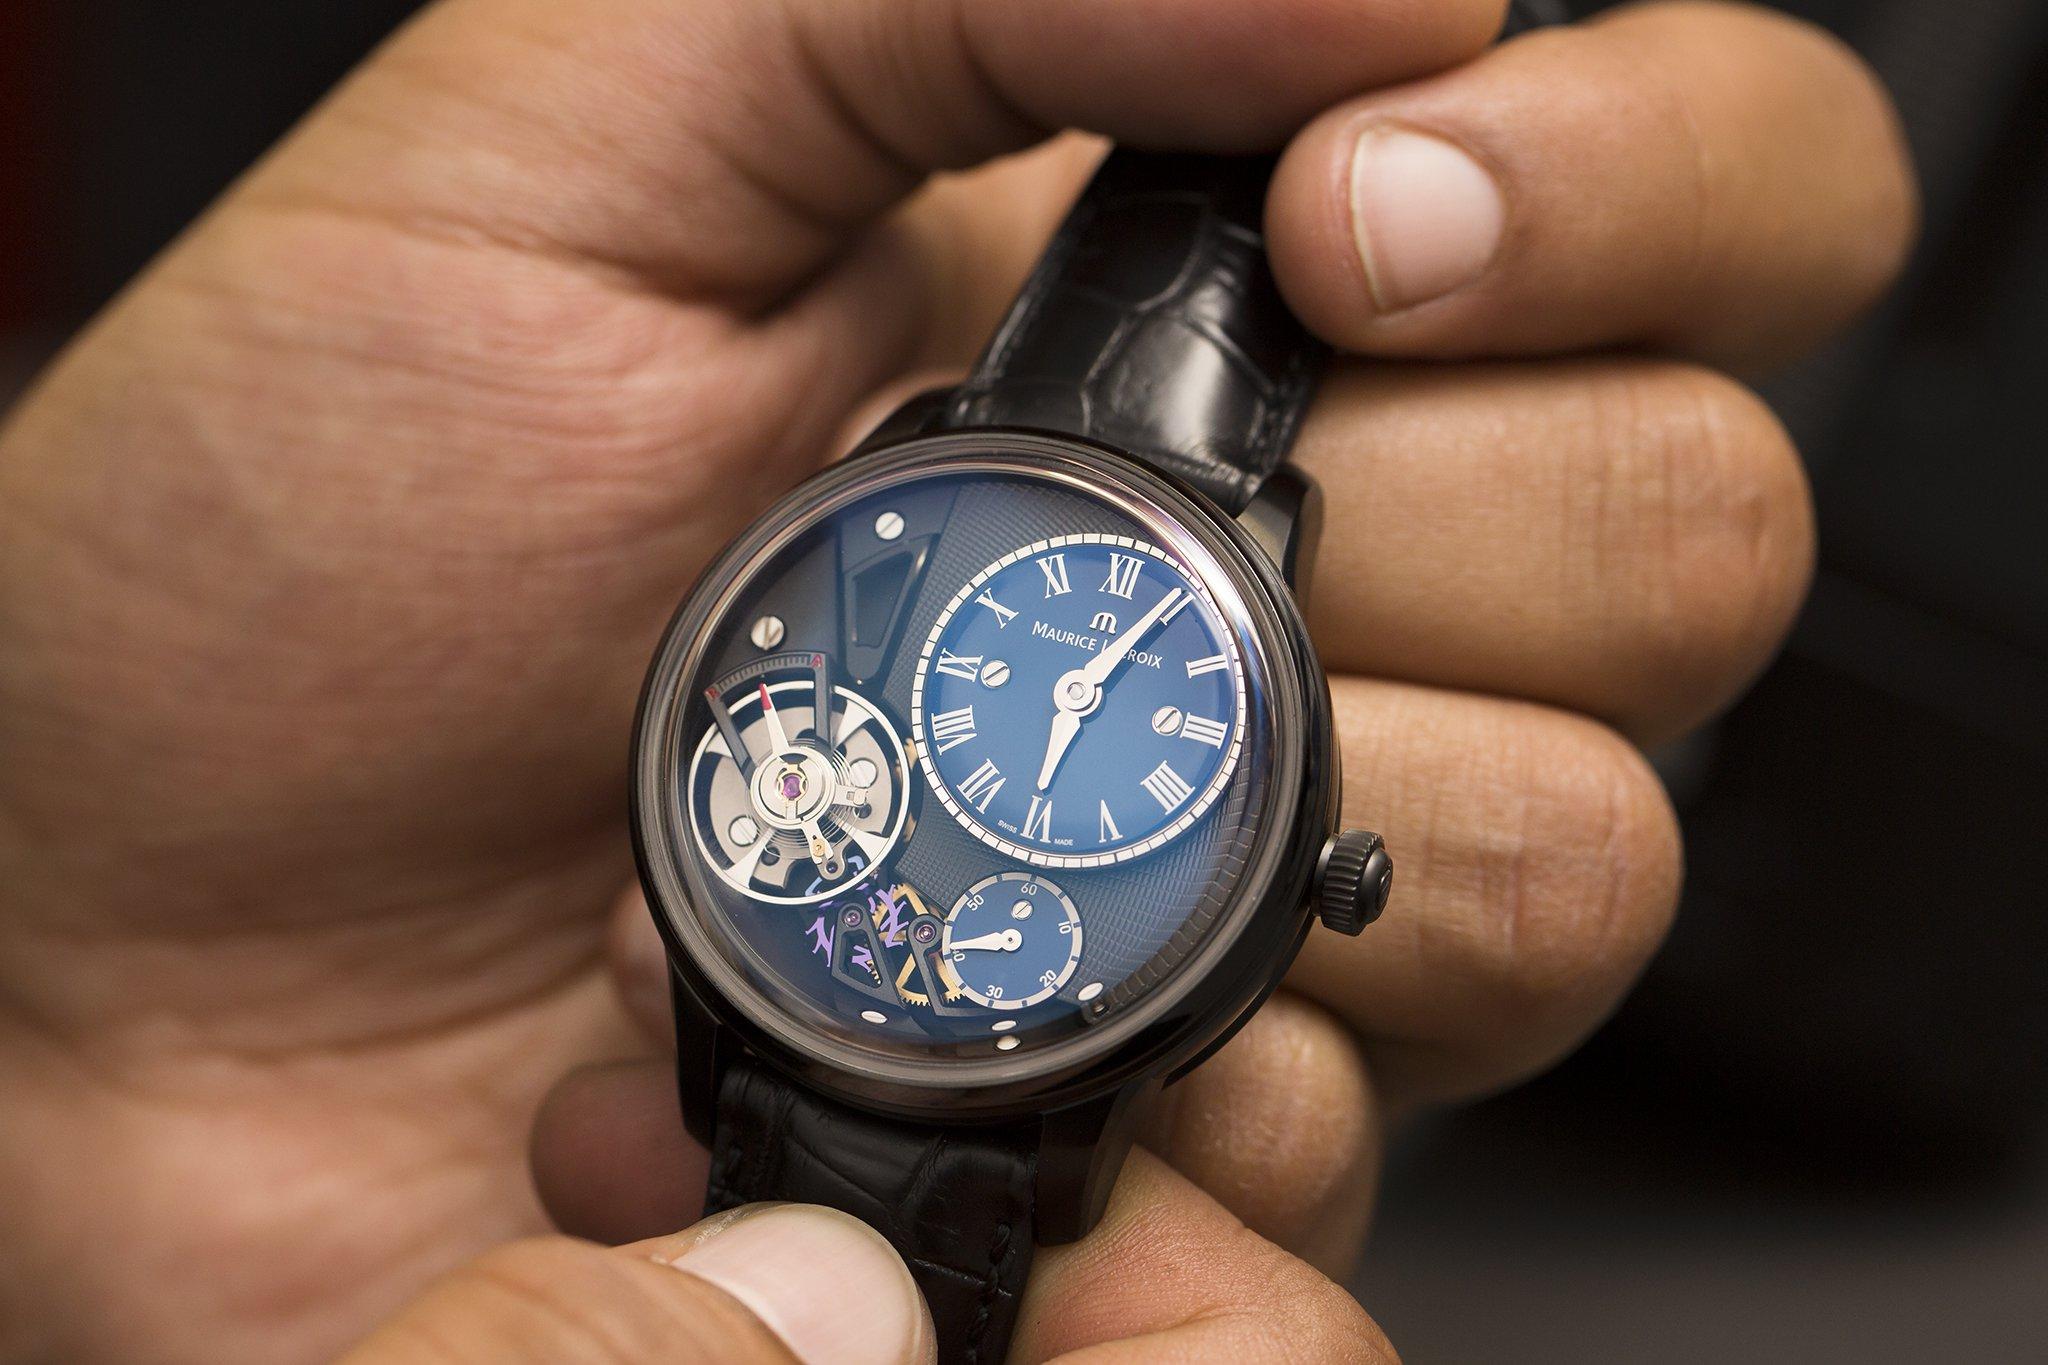 Ремешок для часов Ulysse nardin идеальный выбор для